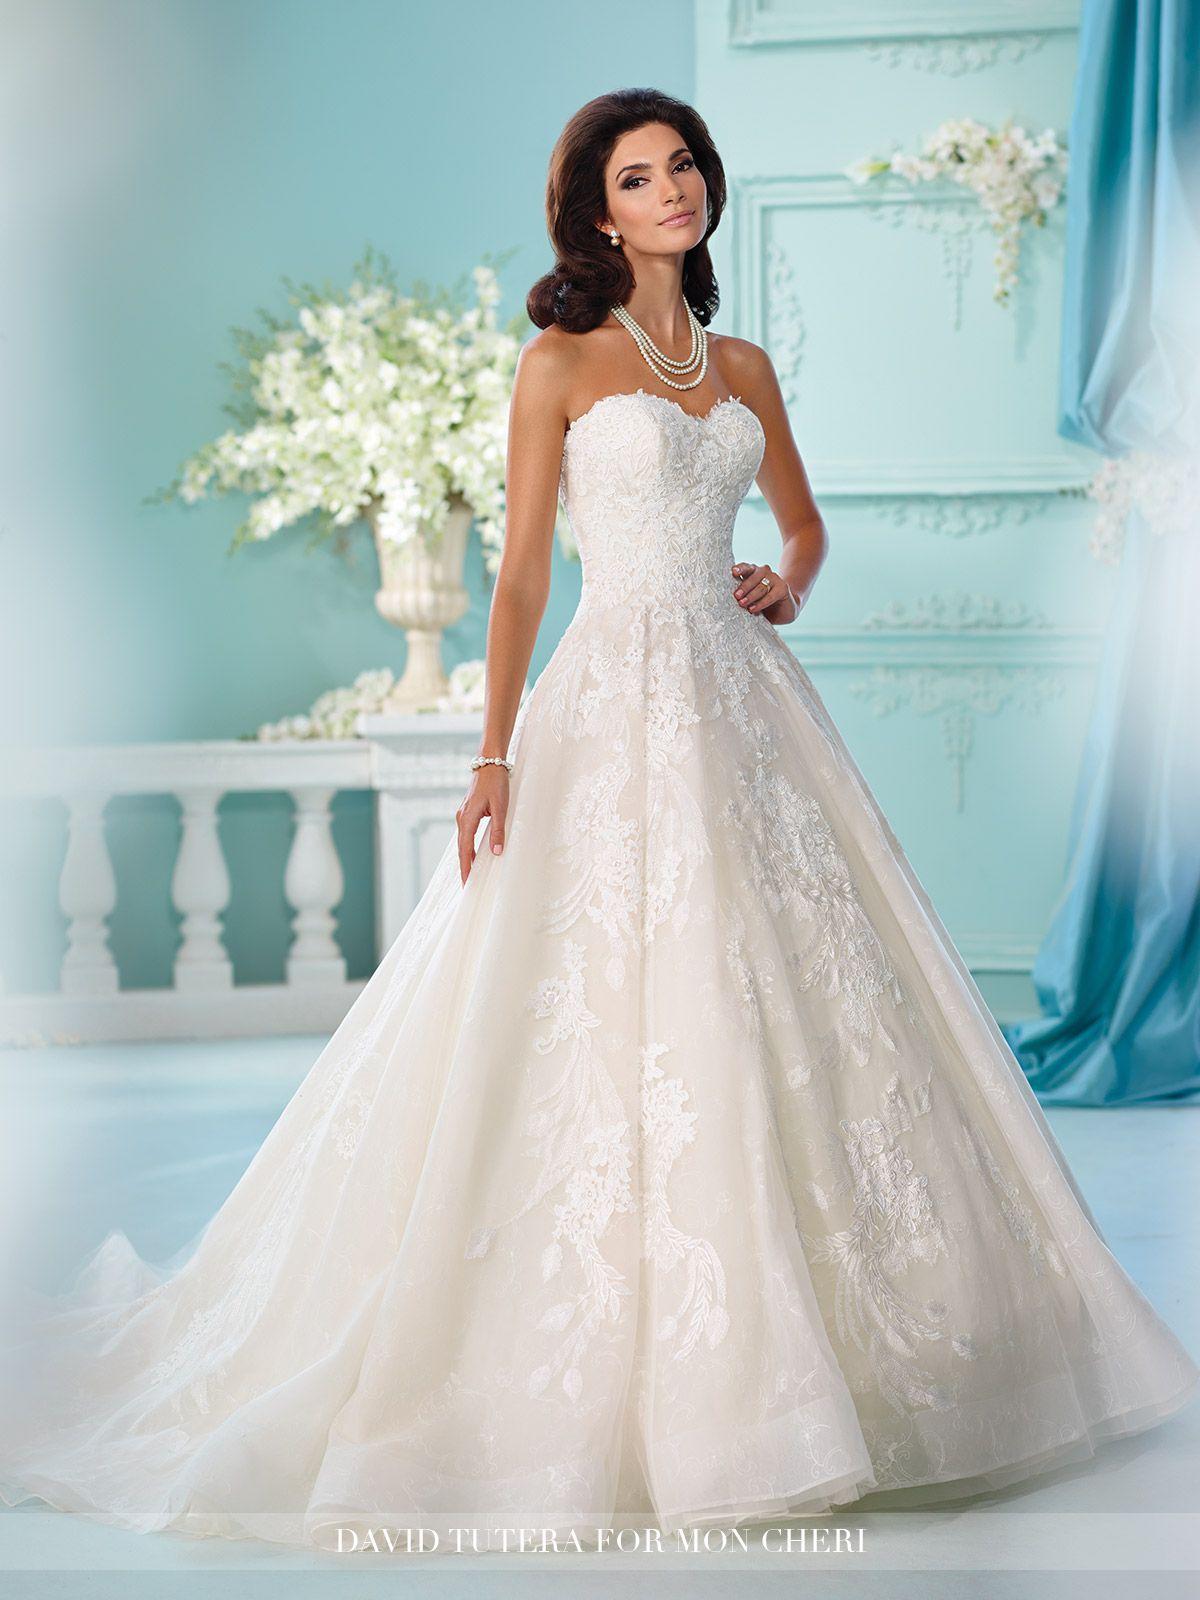 SERENITY | Wedding Inspo | Pinterest